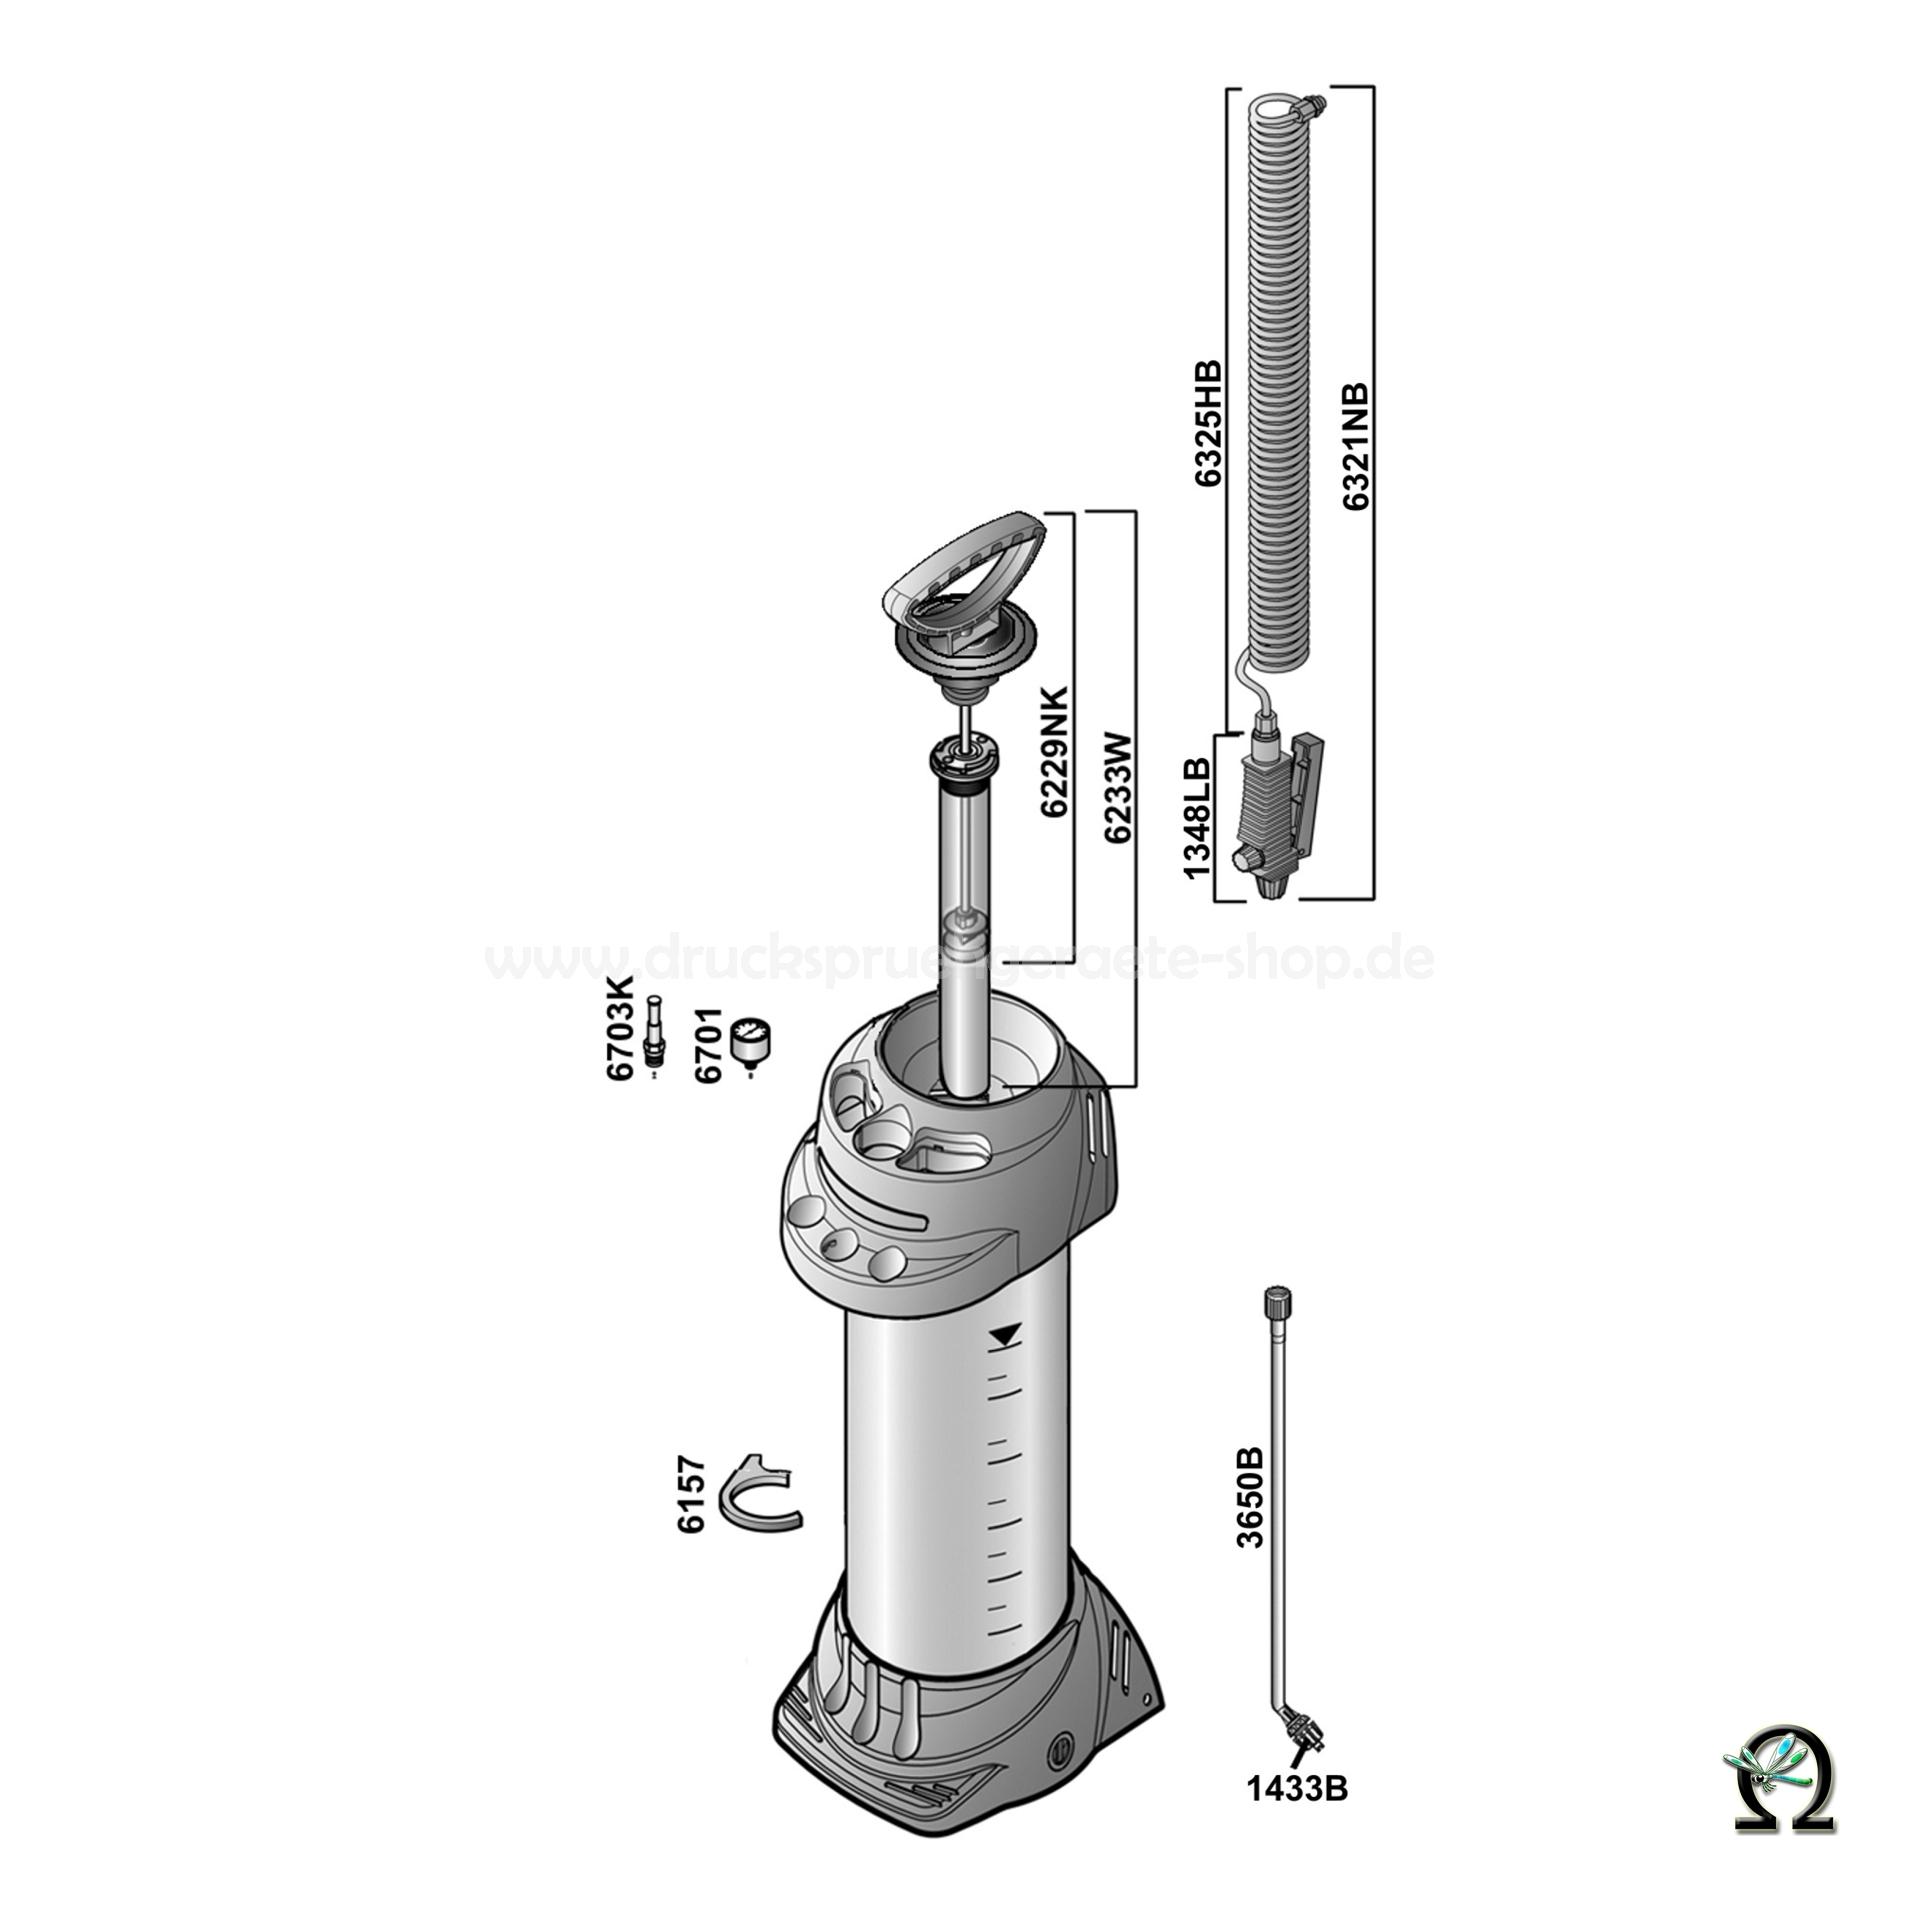 Mesto Hochdrucksprühgerät 3595FC INOX PLUS - 6 Liter, Zeichnung der Einzelteile